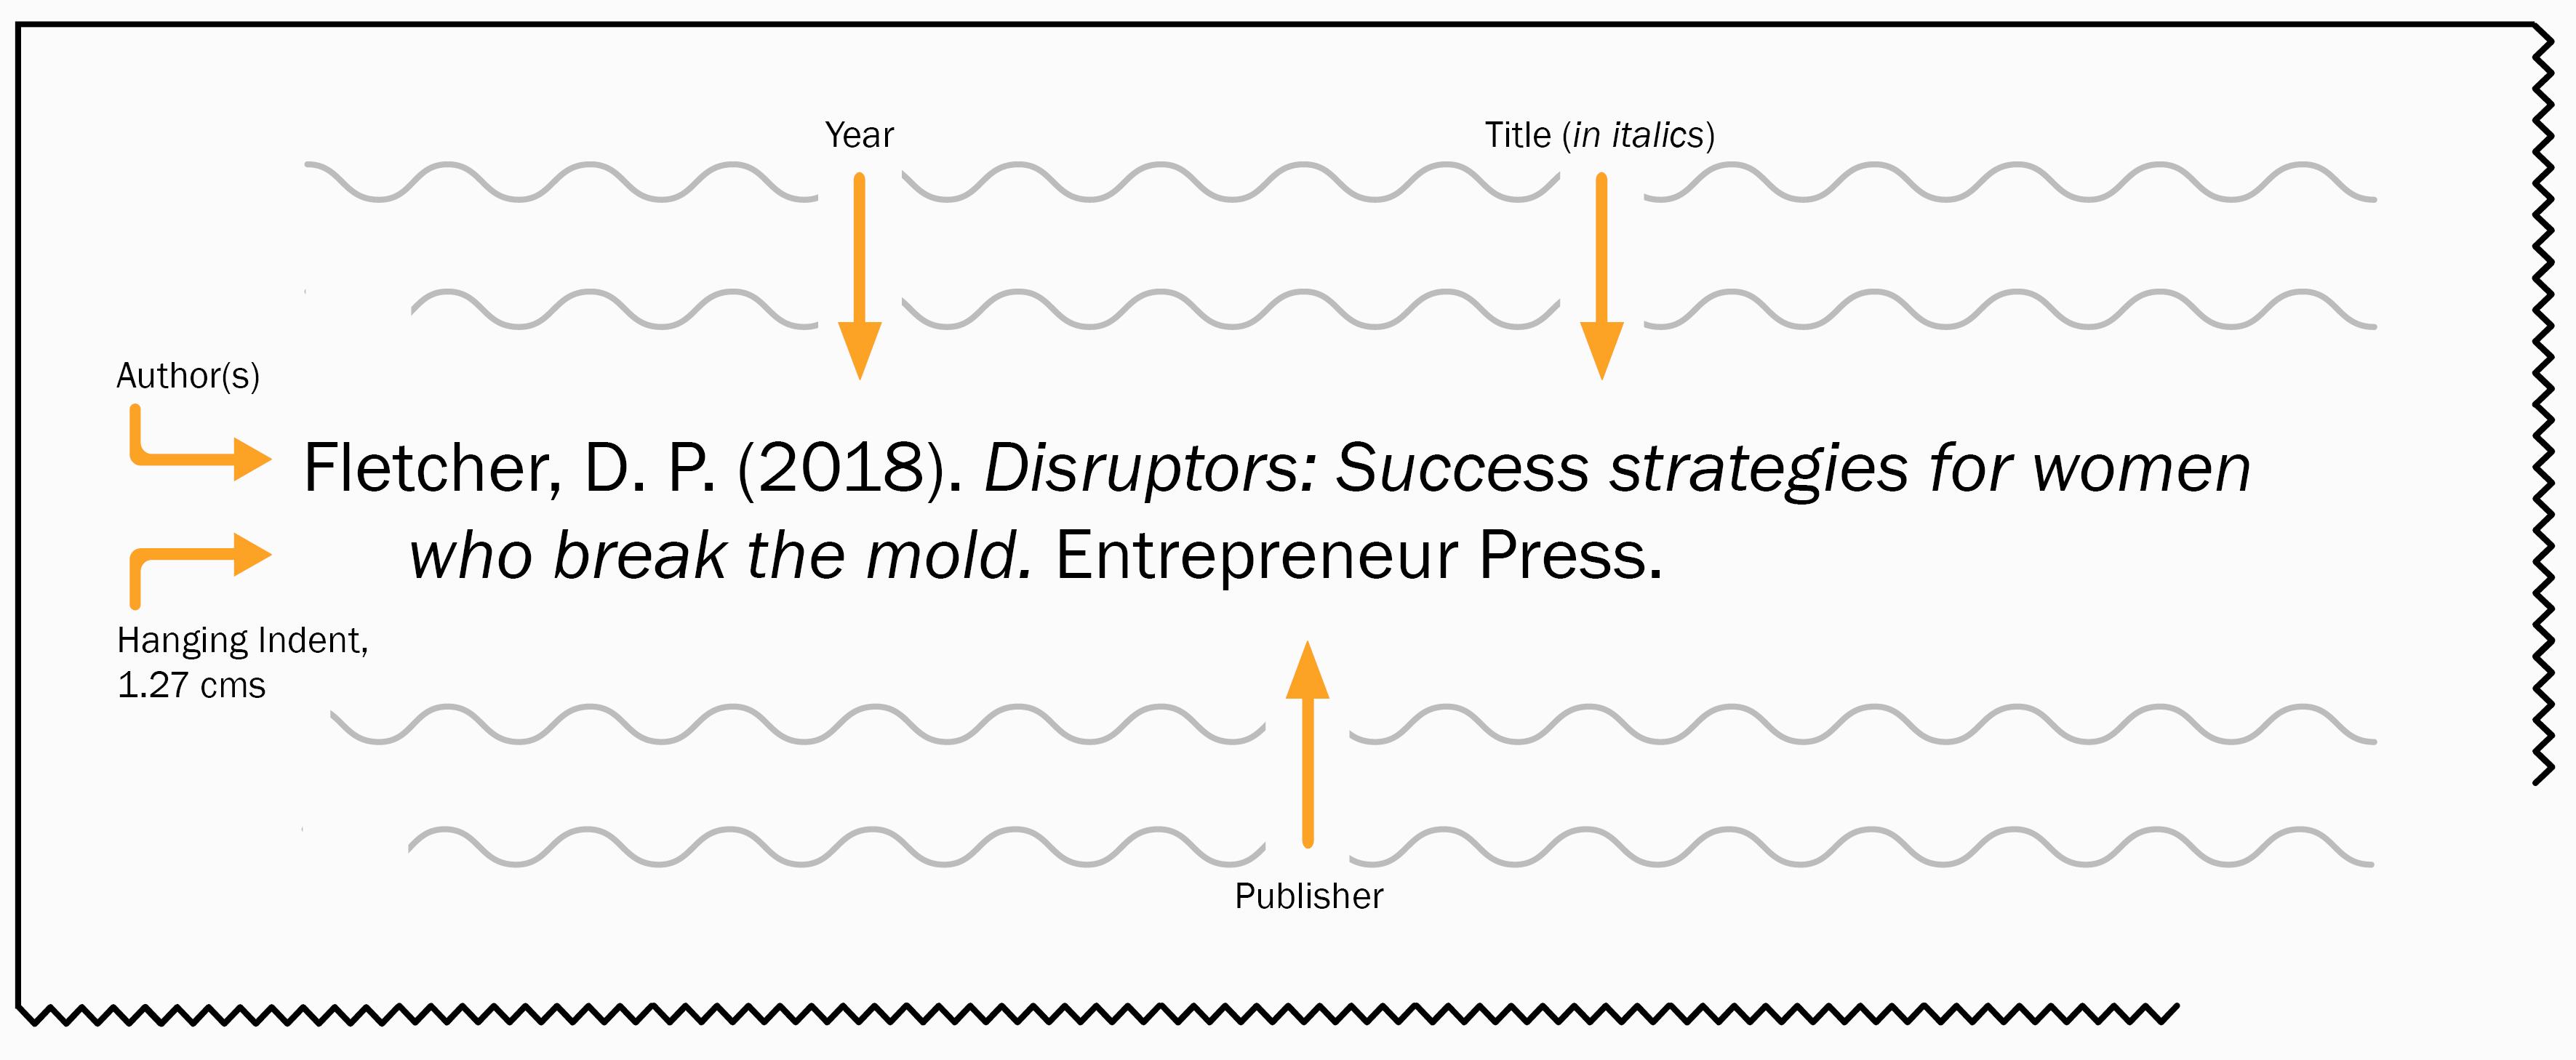 Fletcher, D. P. (2018). Disruptors: Success strate